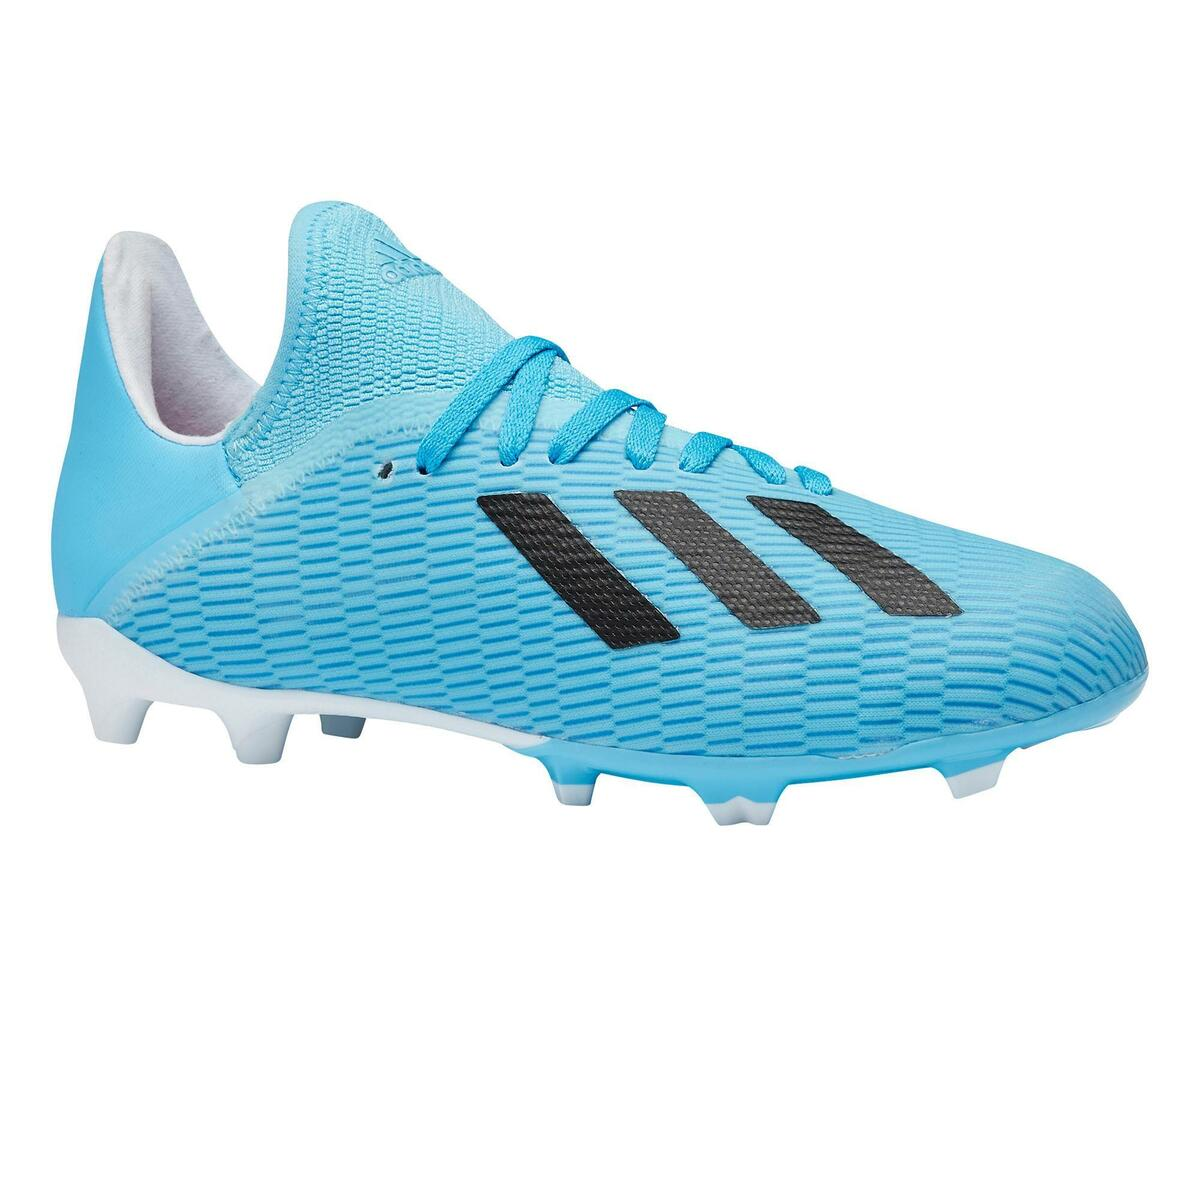 Bild 1 von Fußballschuhe X 19.3 FG Kinder blau